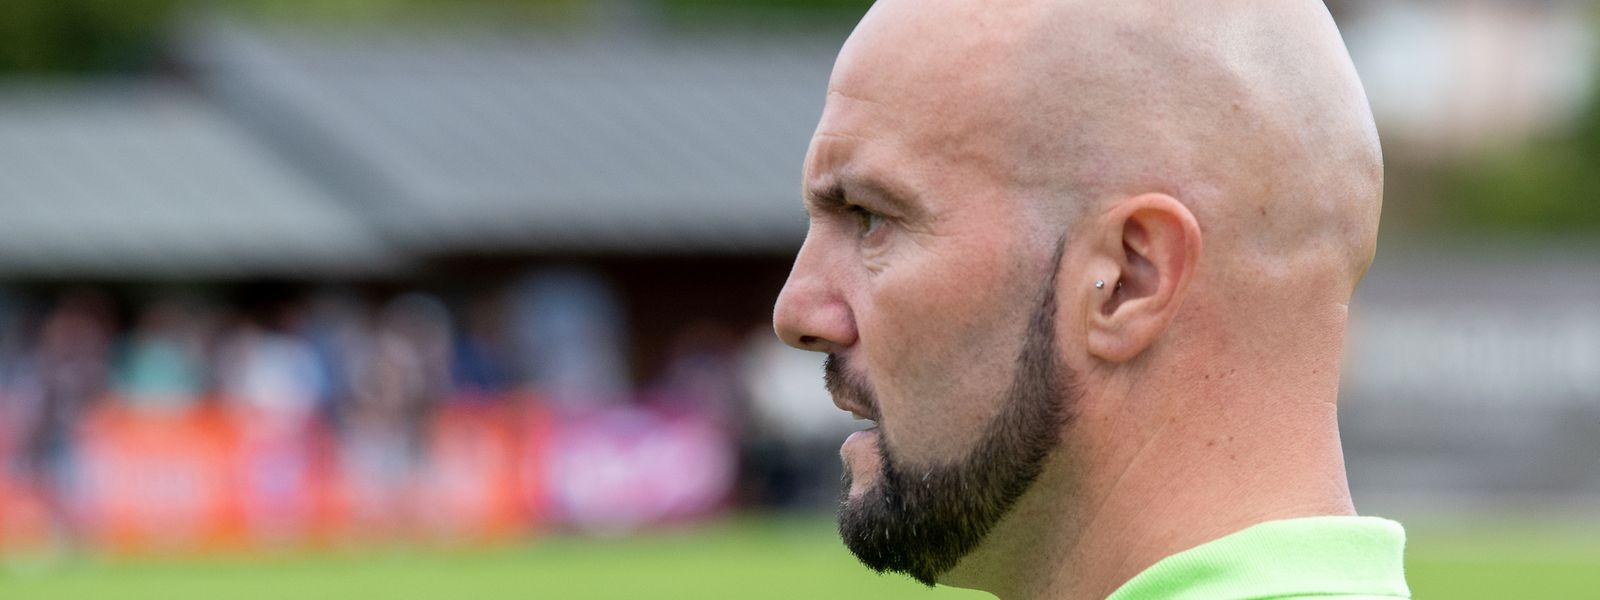 O treinador português deixou o comando do Lorentzweiler, depois de passagens pelo Steinsel, Mondercange e Hamm Benfica.